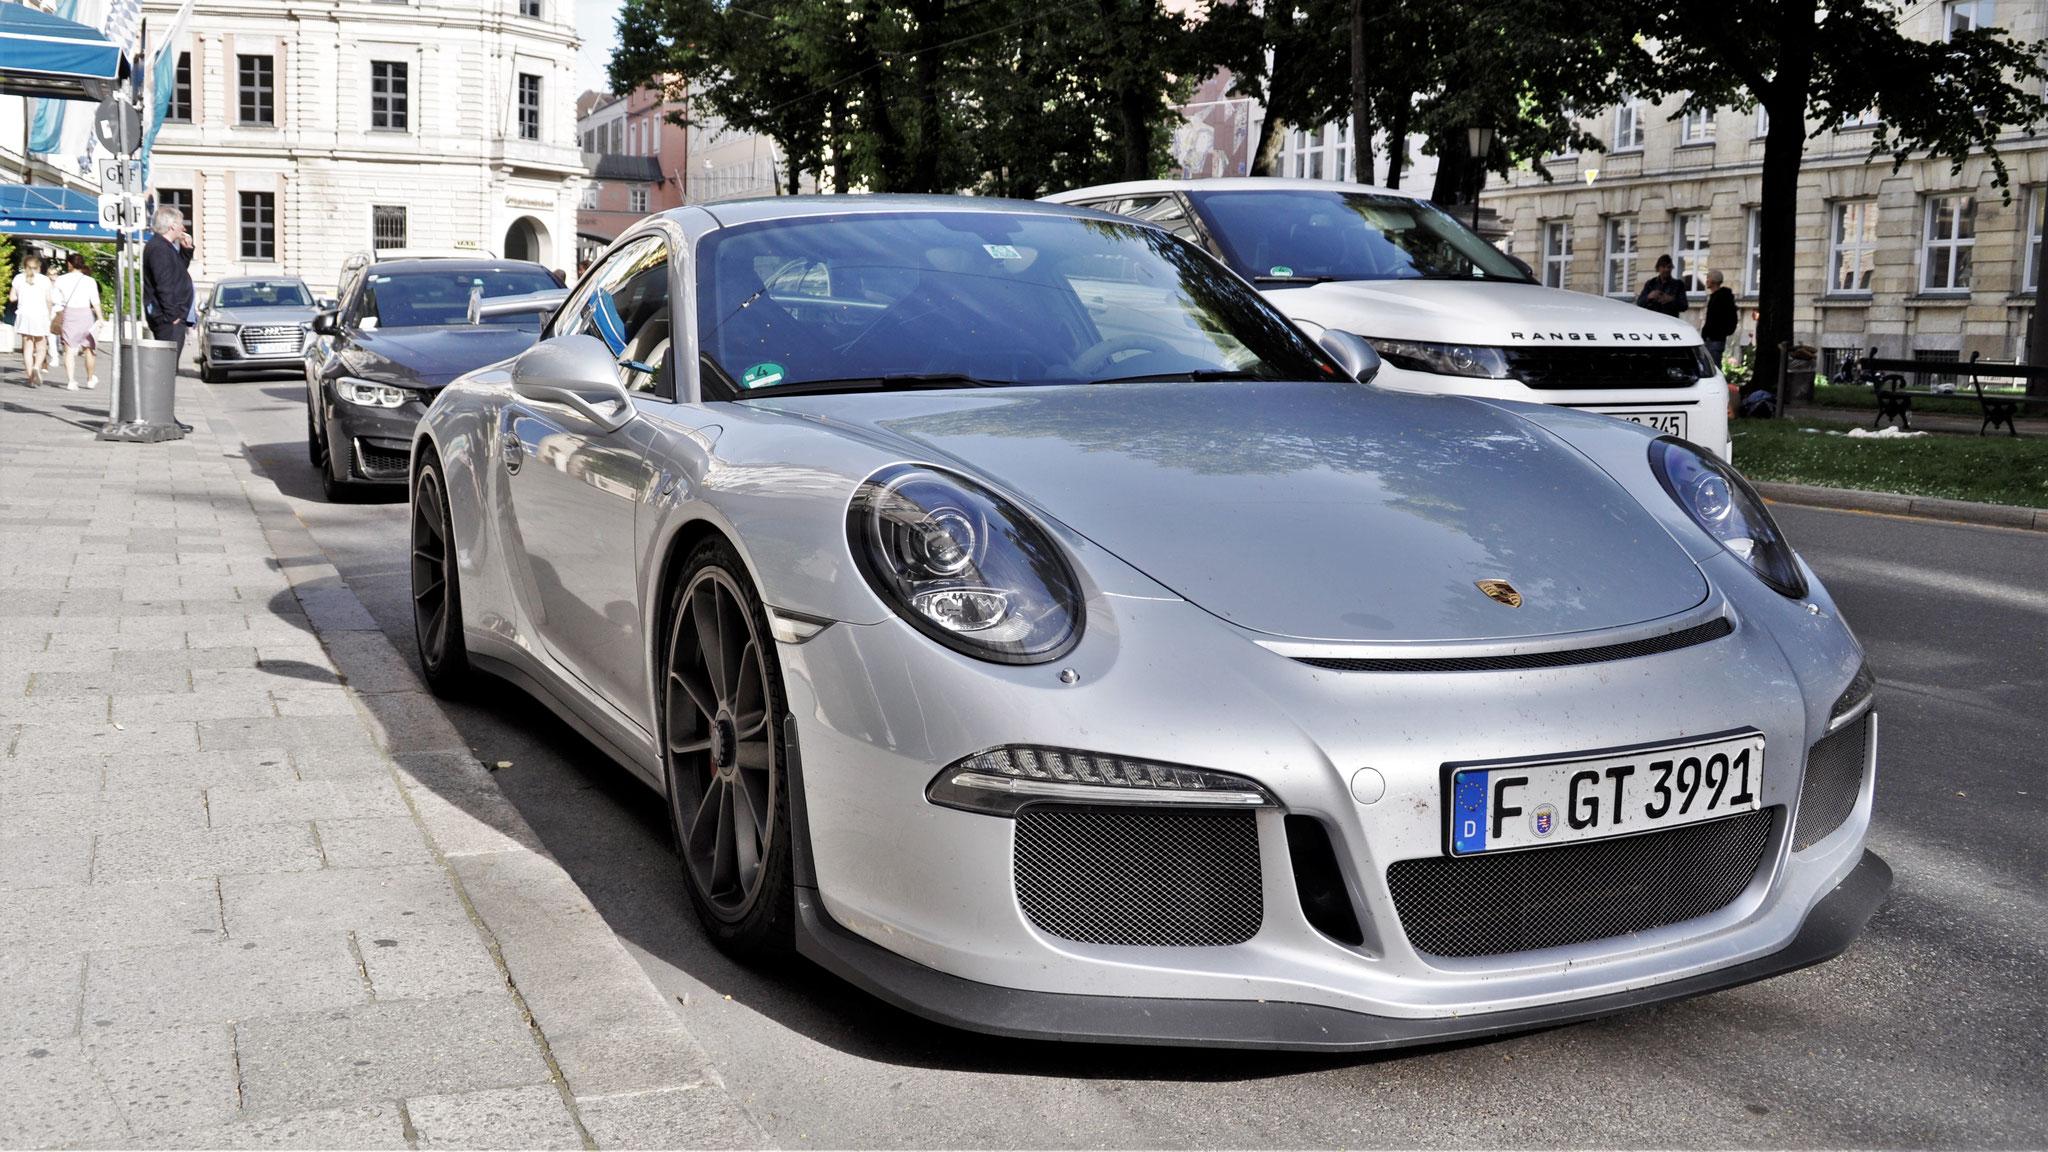 Porsche 991 GT3 - F-GT-3991